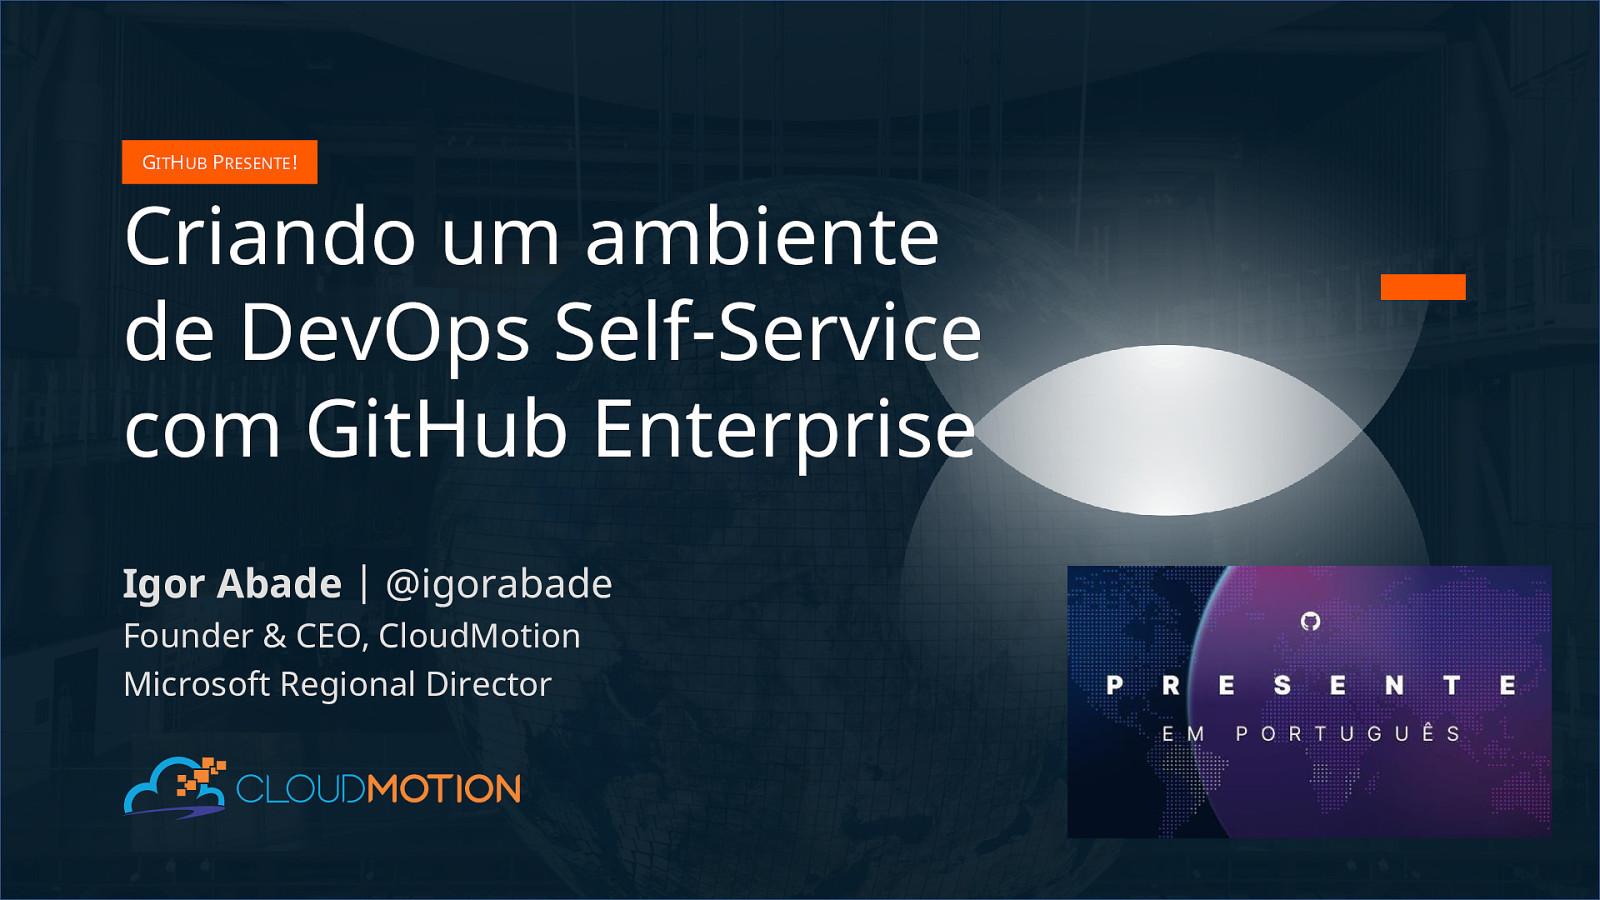 Criando um ambiente de DevOps Self-Service com GitHub Enterprise